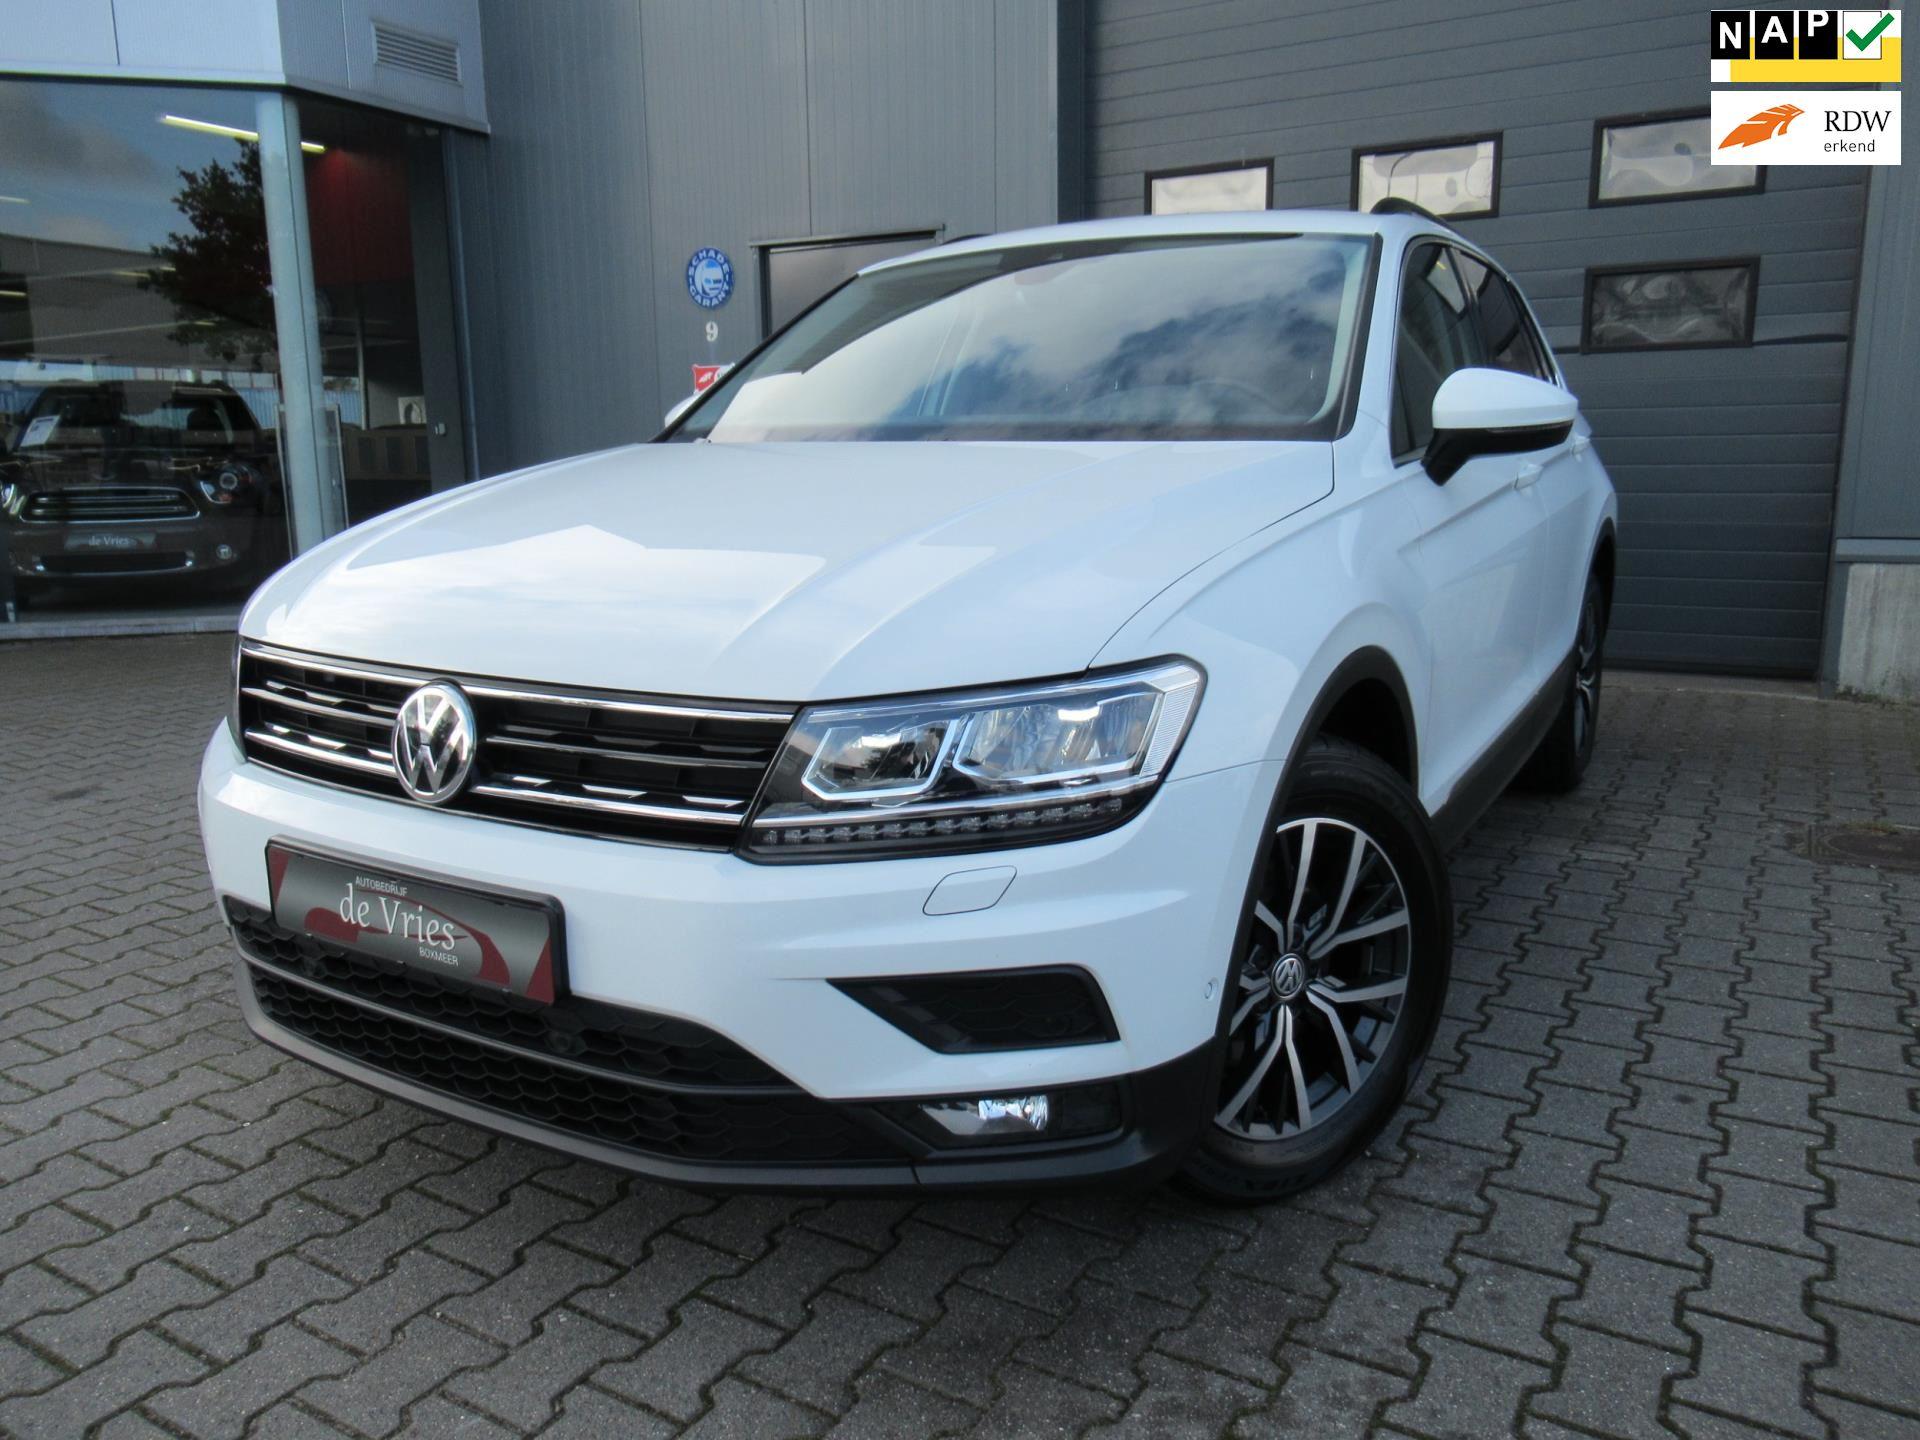 Volkswagen Tiguan occasion - Autobedrijf de Vries Boxmeer